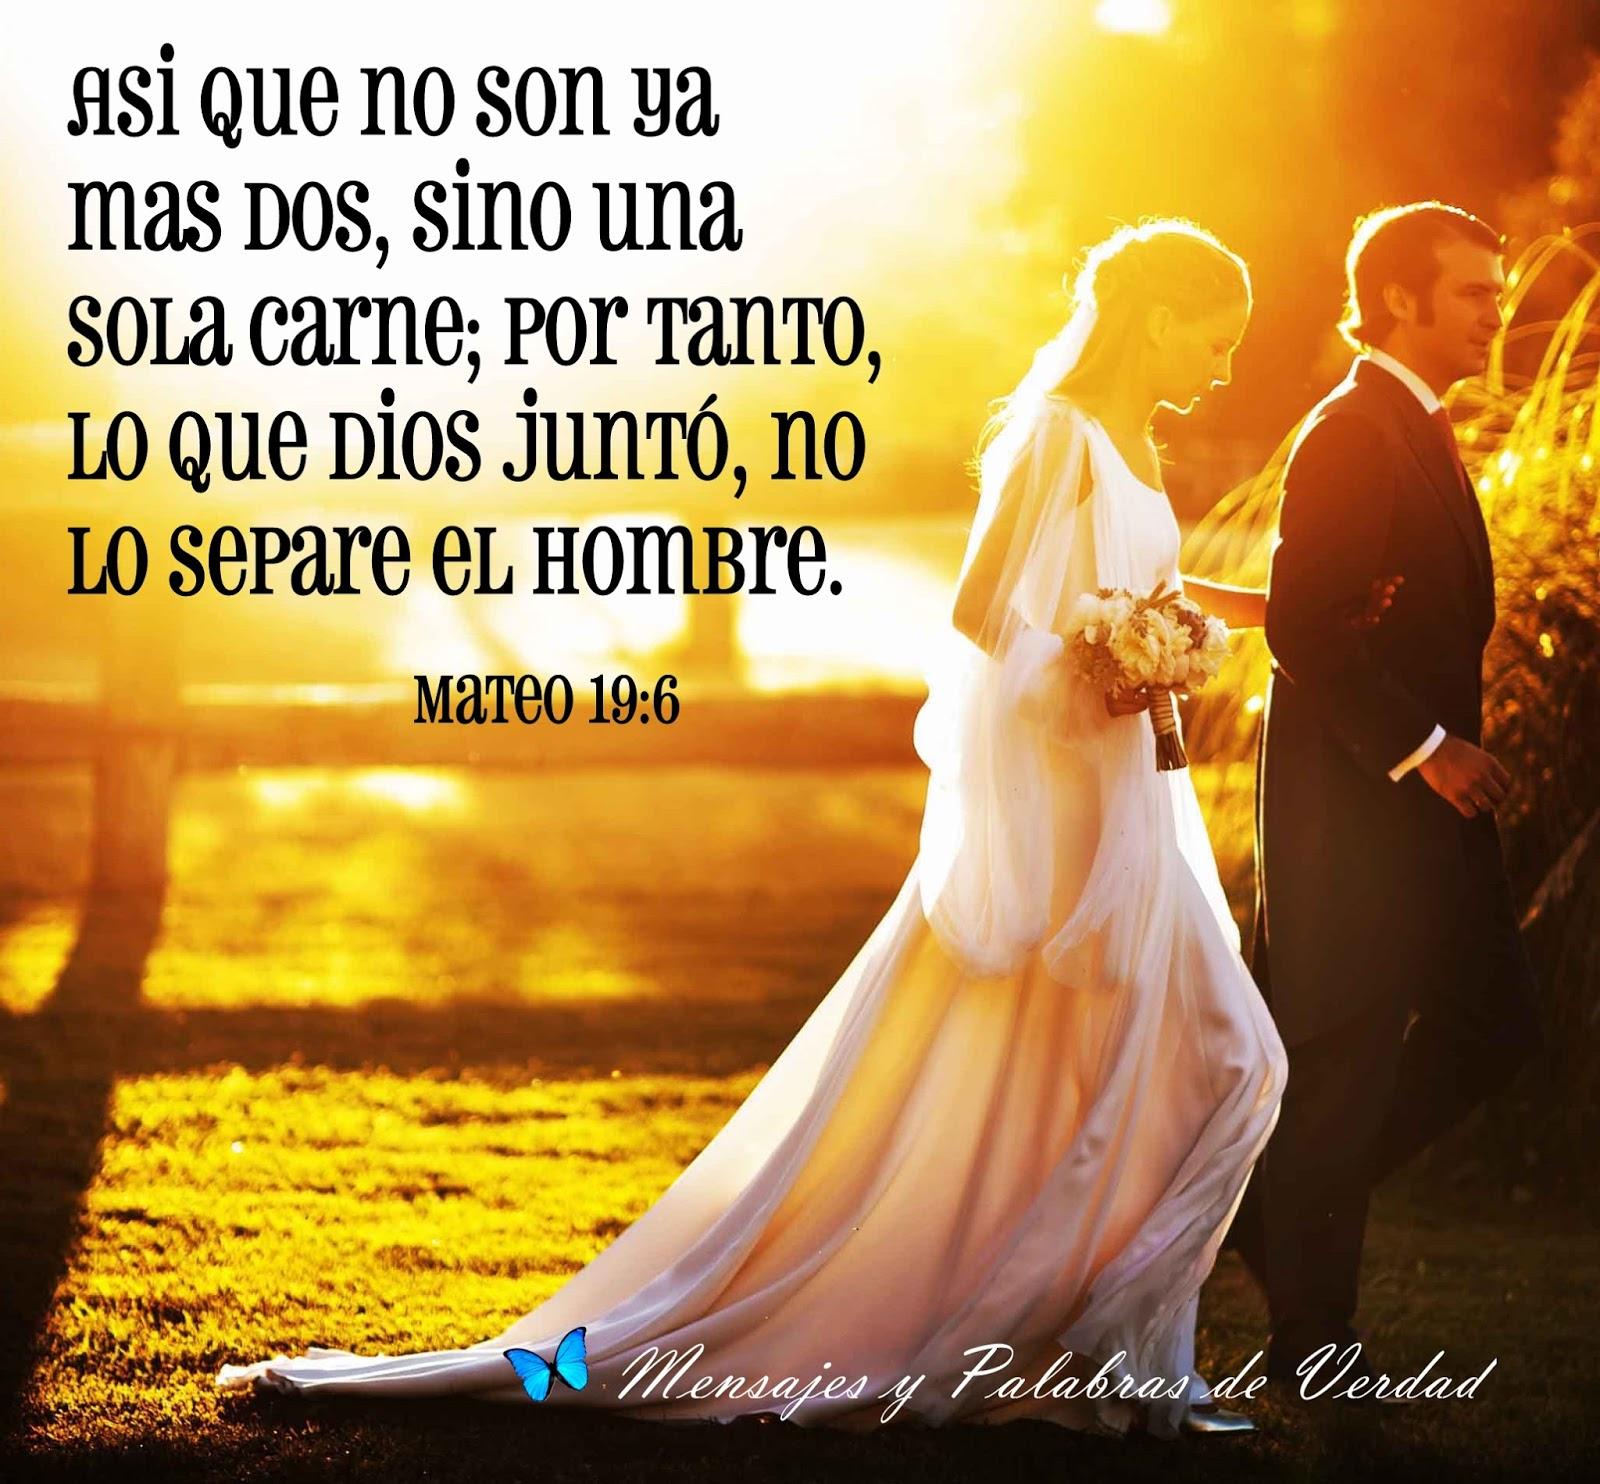 Matrimonio Cristiano Biblia : Mensajes y palabras de verdad versiculos biblicos para bodas